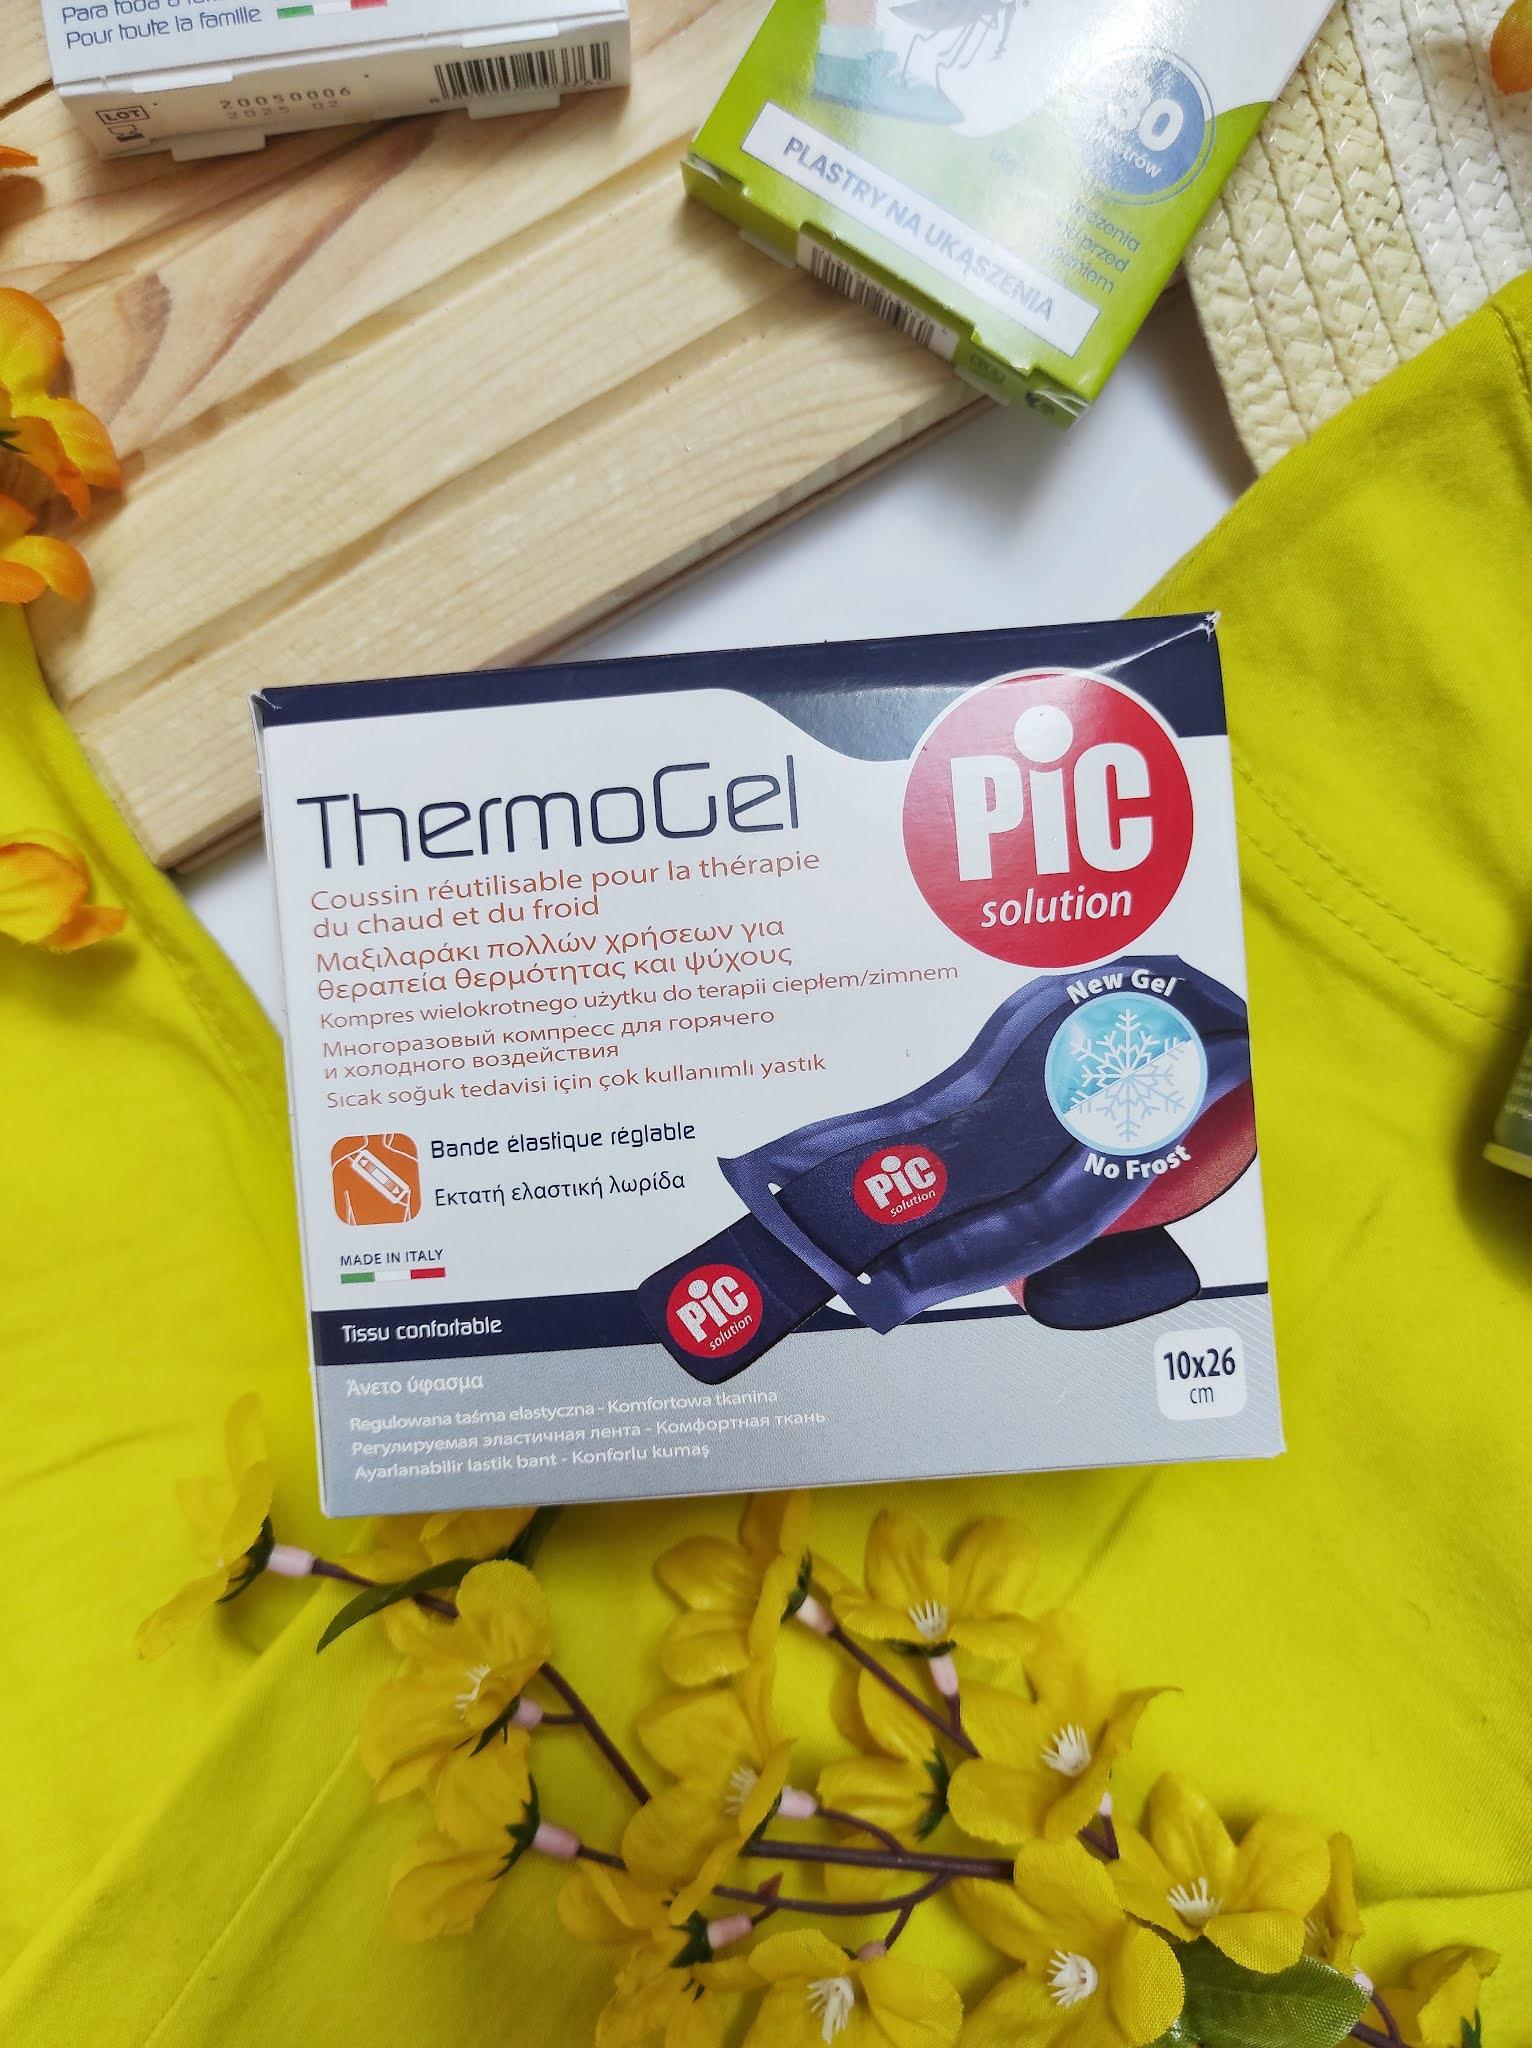 Thermogel kompres żelowy do wielokrotnego użytku Pic